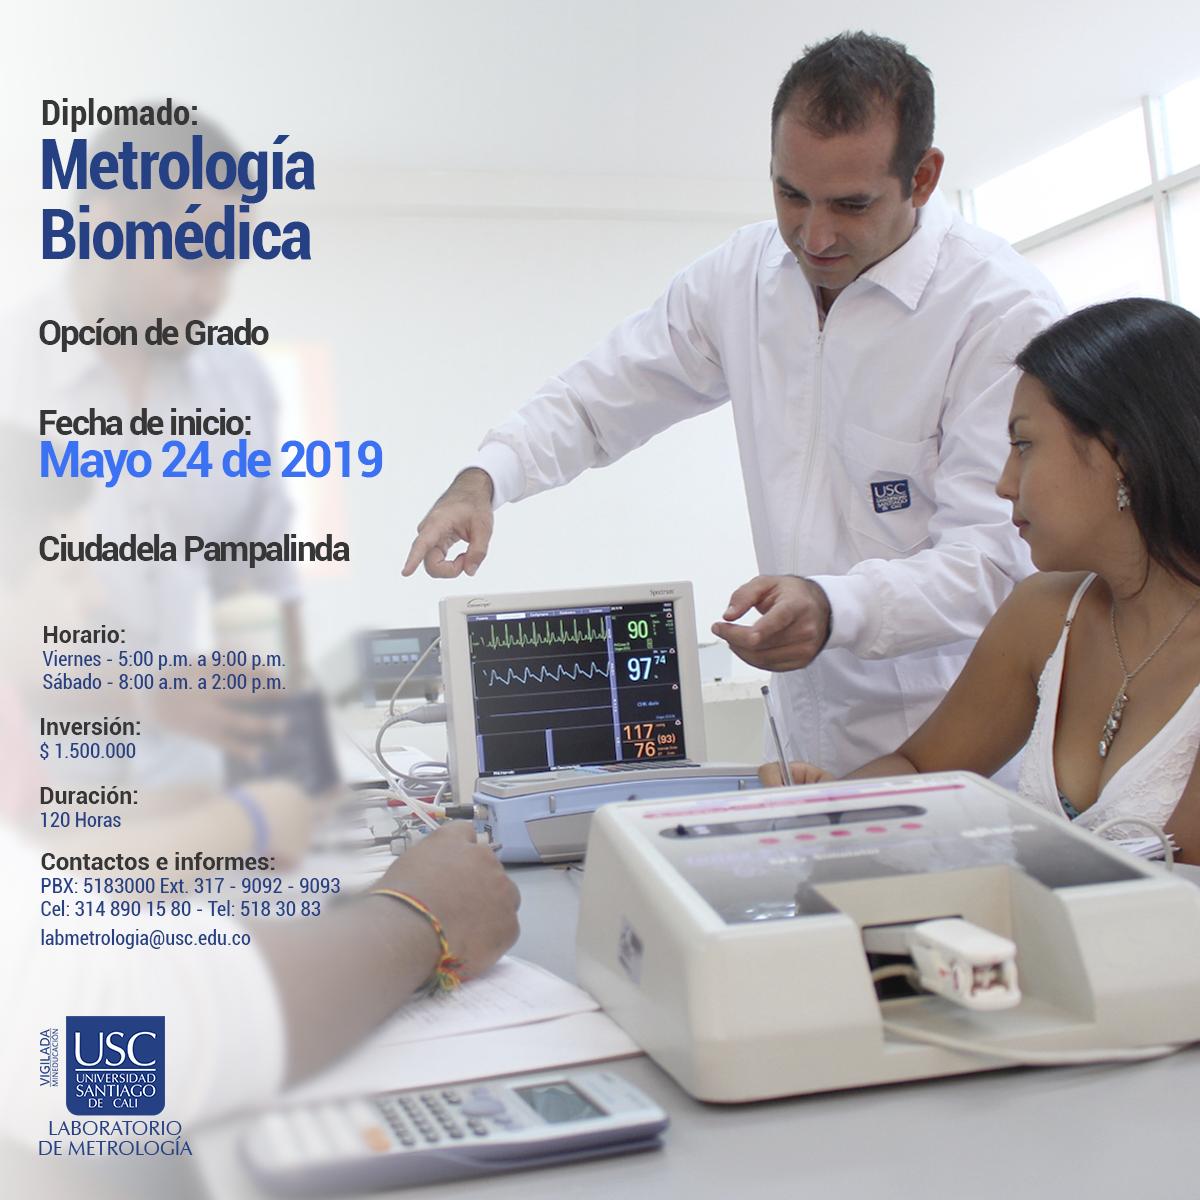 Metrologia Biomedica1